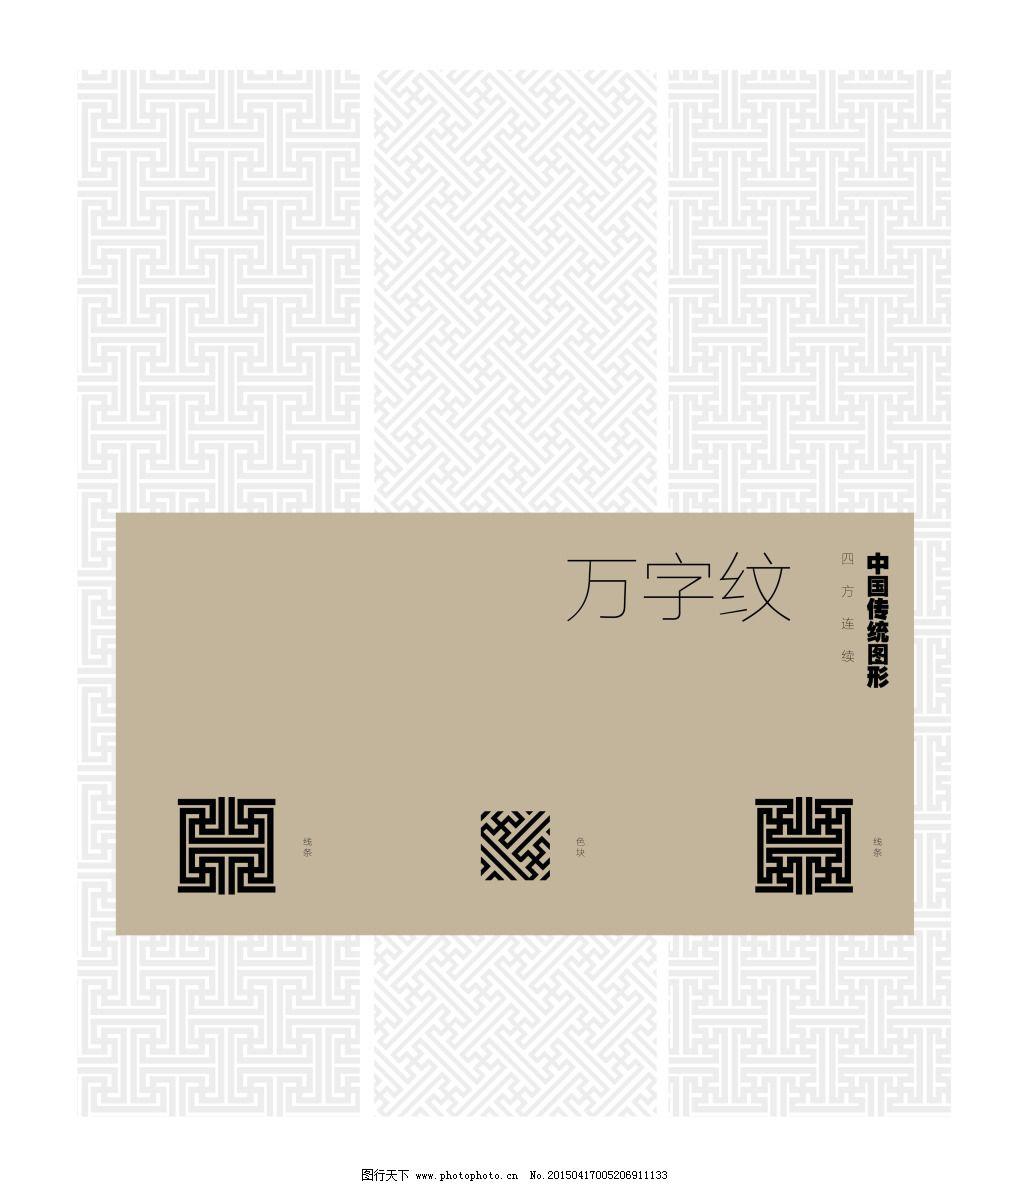 背景 传统 底纹 中式 矢量 传统 中式 万字文 底纹 背景 矢量图 花纹